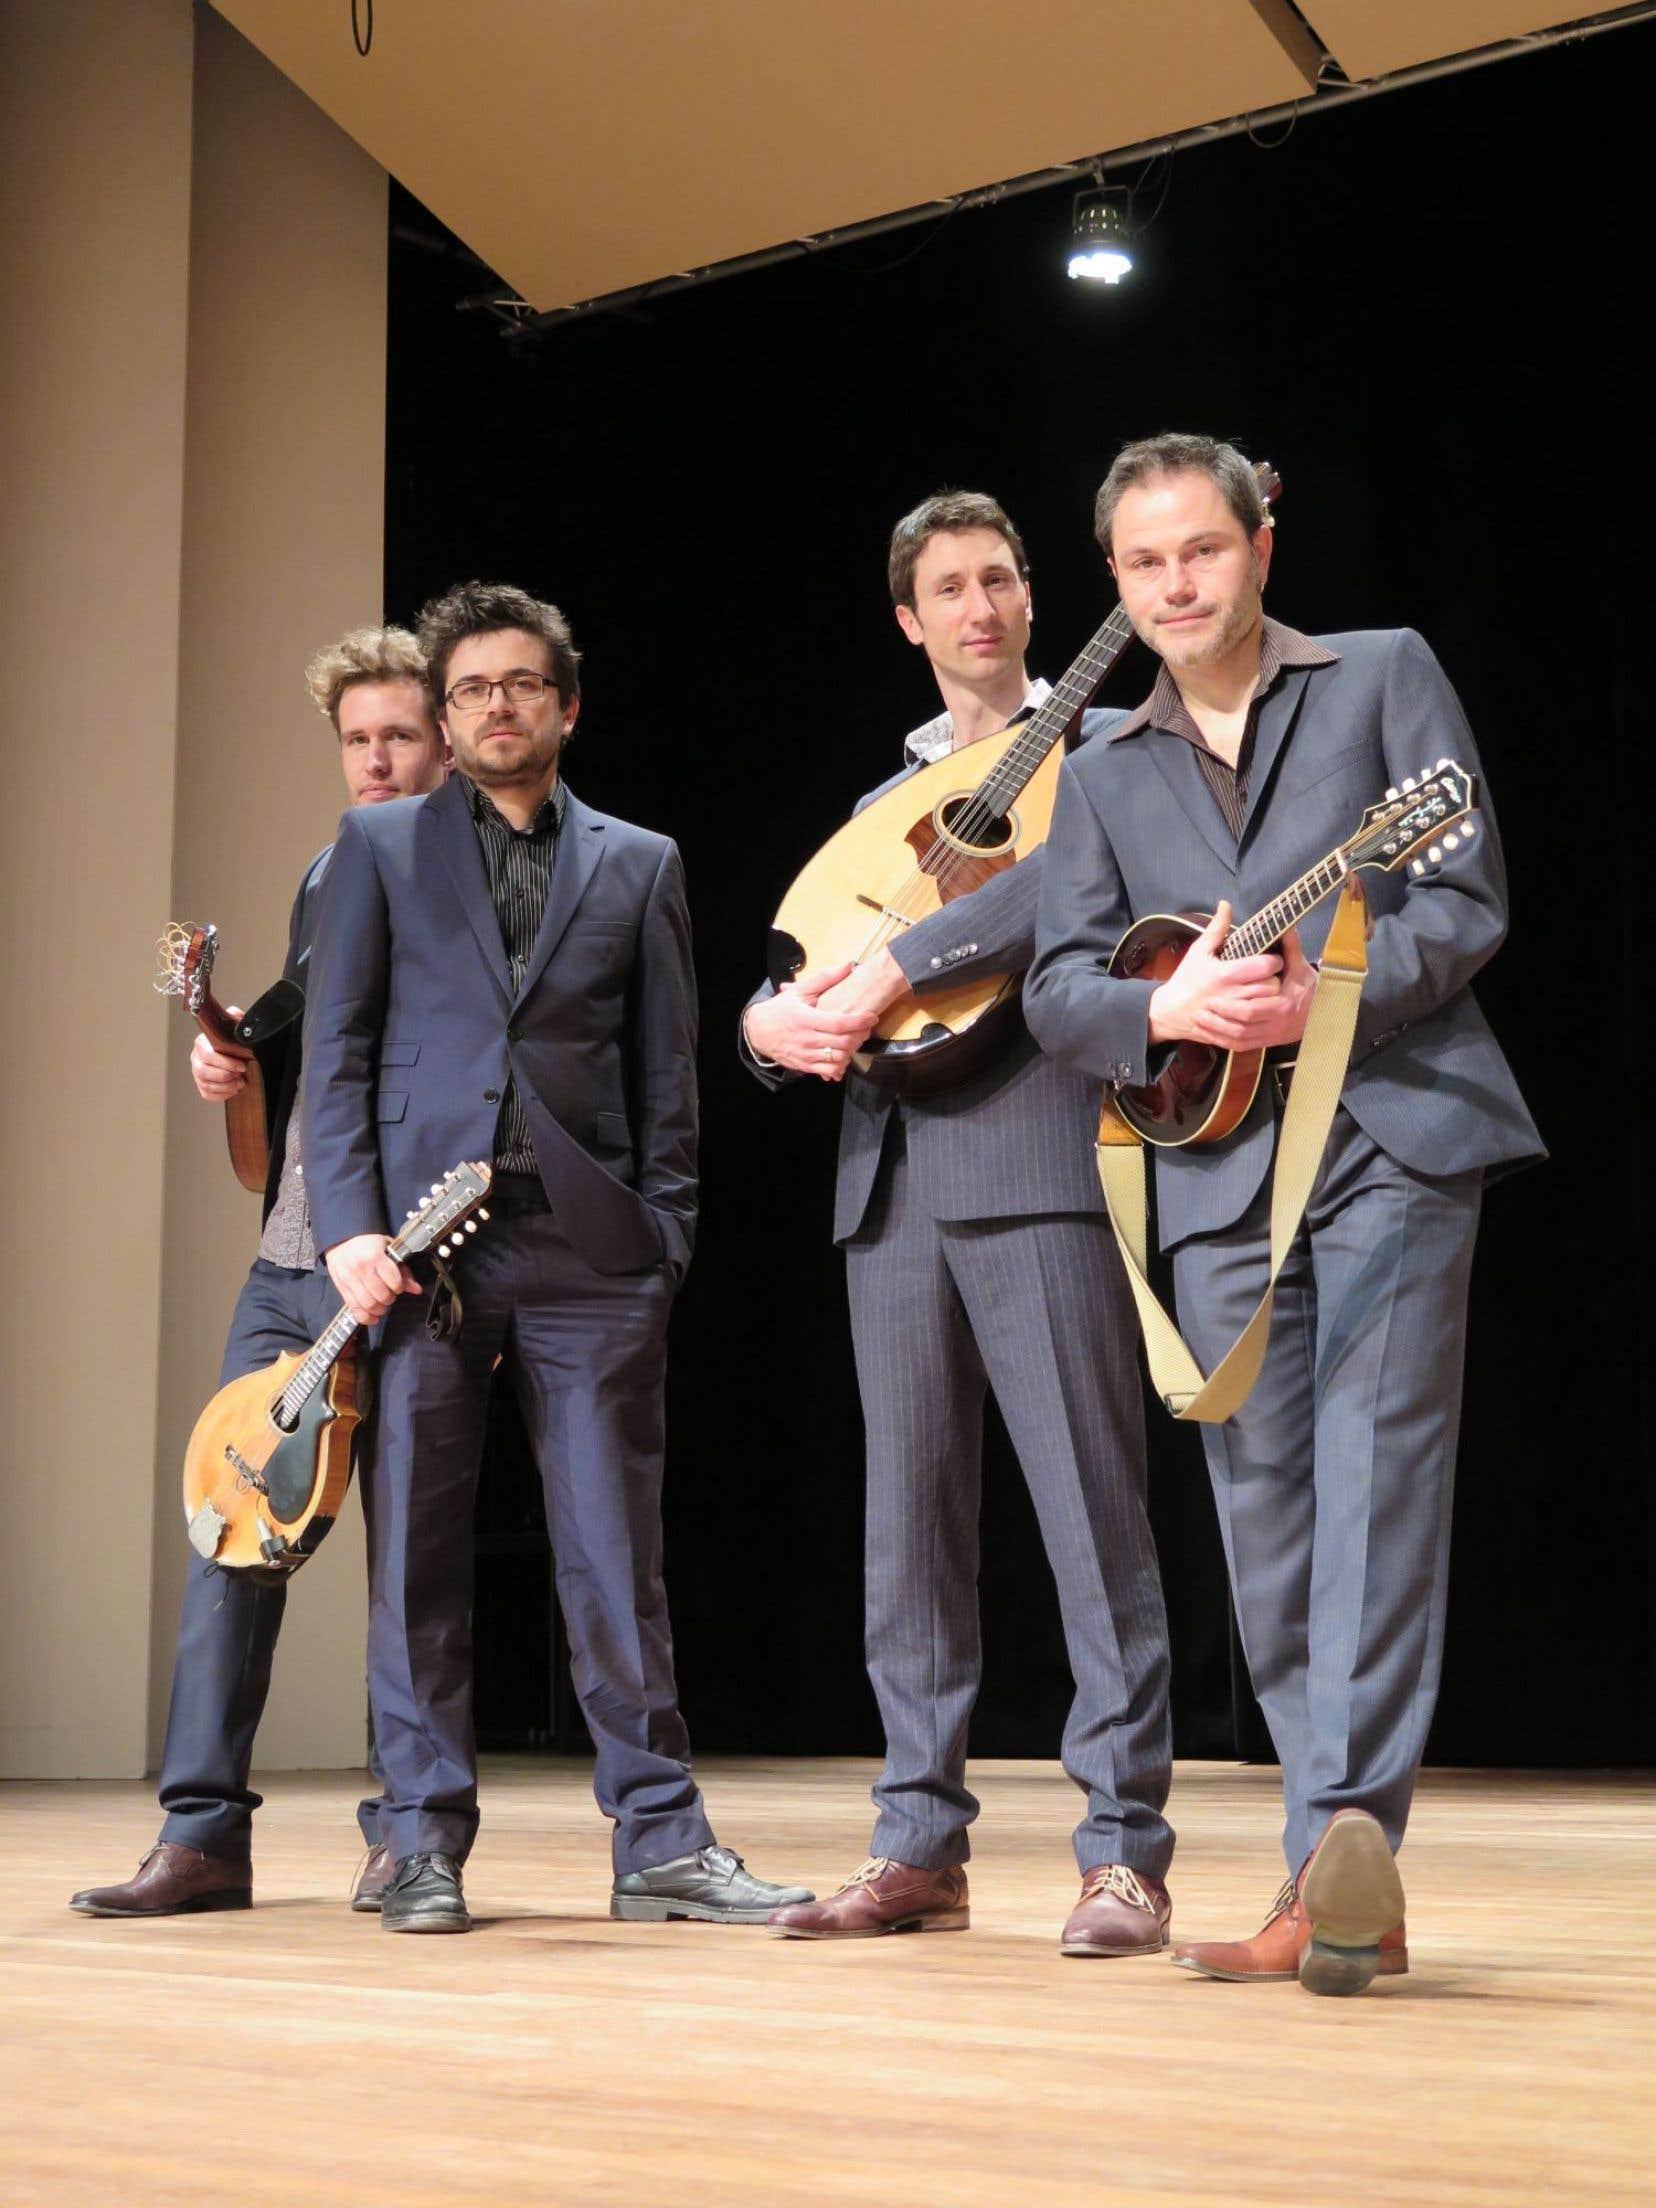 MANdolinMAN s'est constitué sur le modèle d'un quatuor à cordes avec deux mandolines qui occupent la fonction des violons, un mandocelle qui remplace le violoncelle et la mandole au lieu de l'alto.